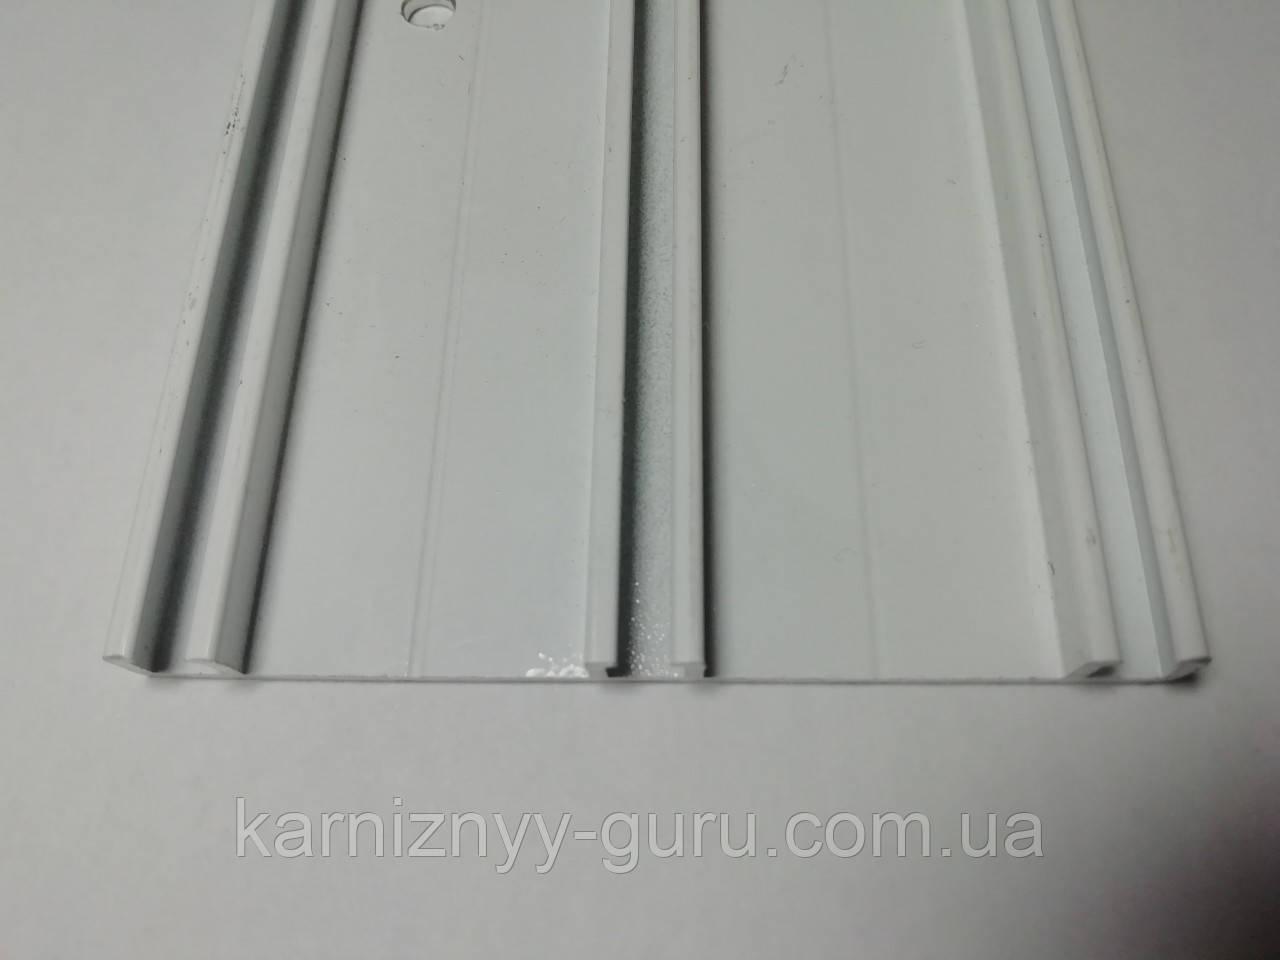 Карниз трехрядный алюминиевый